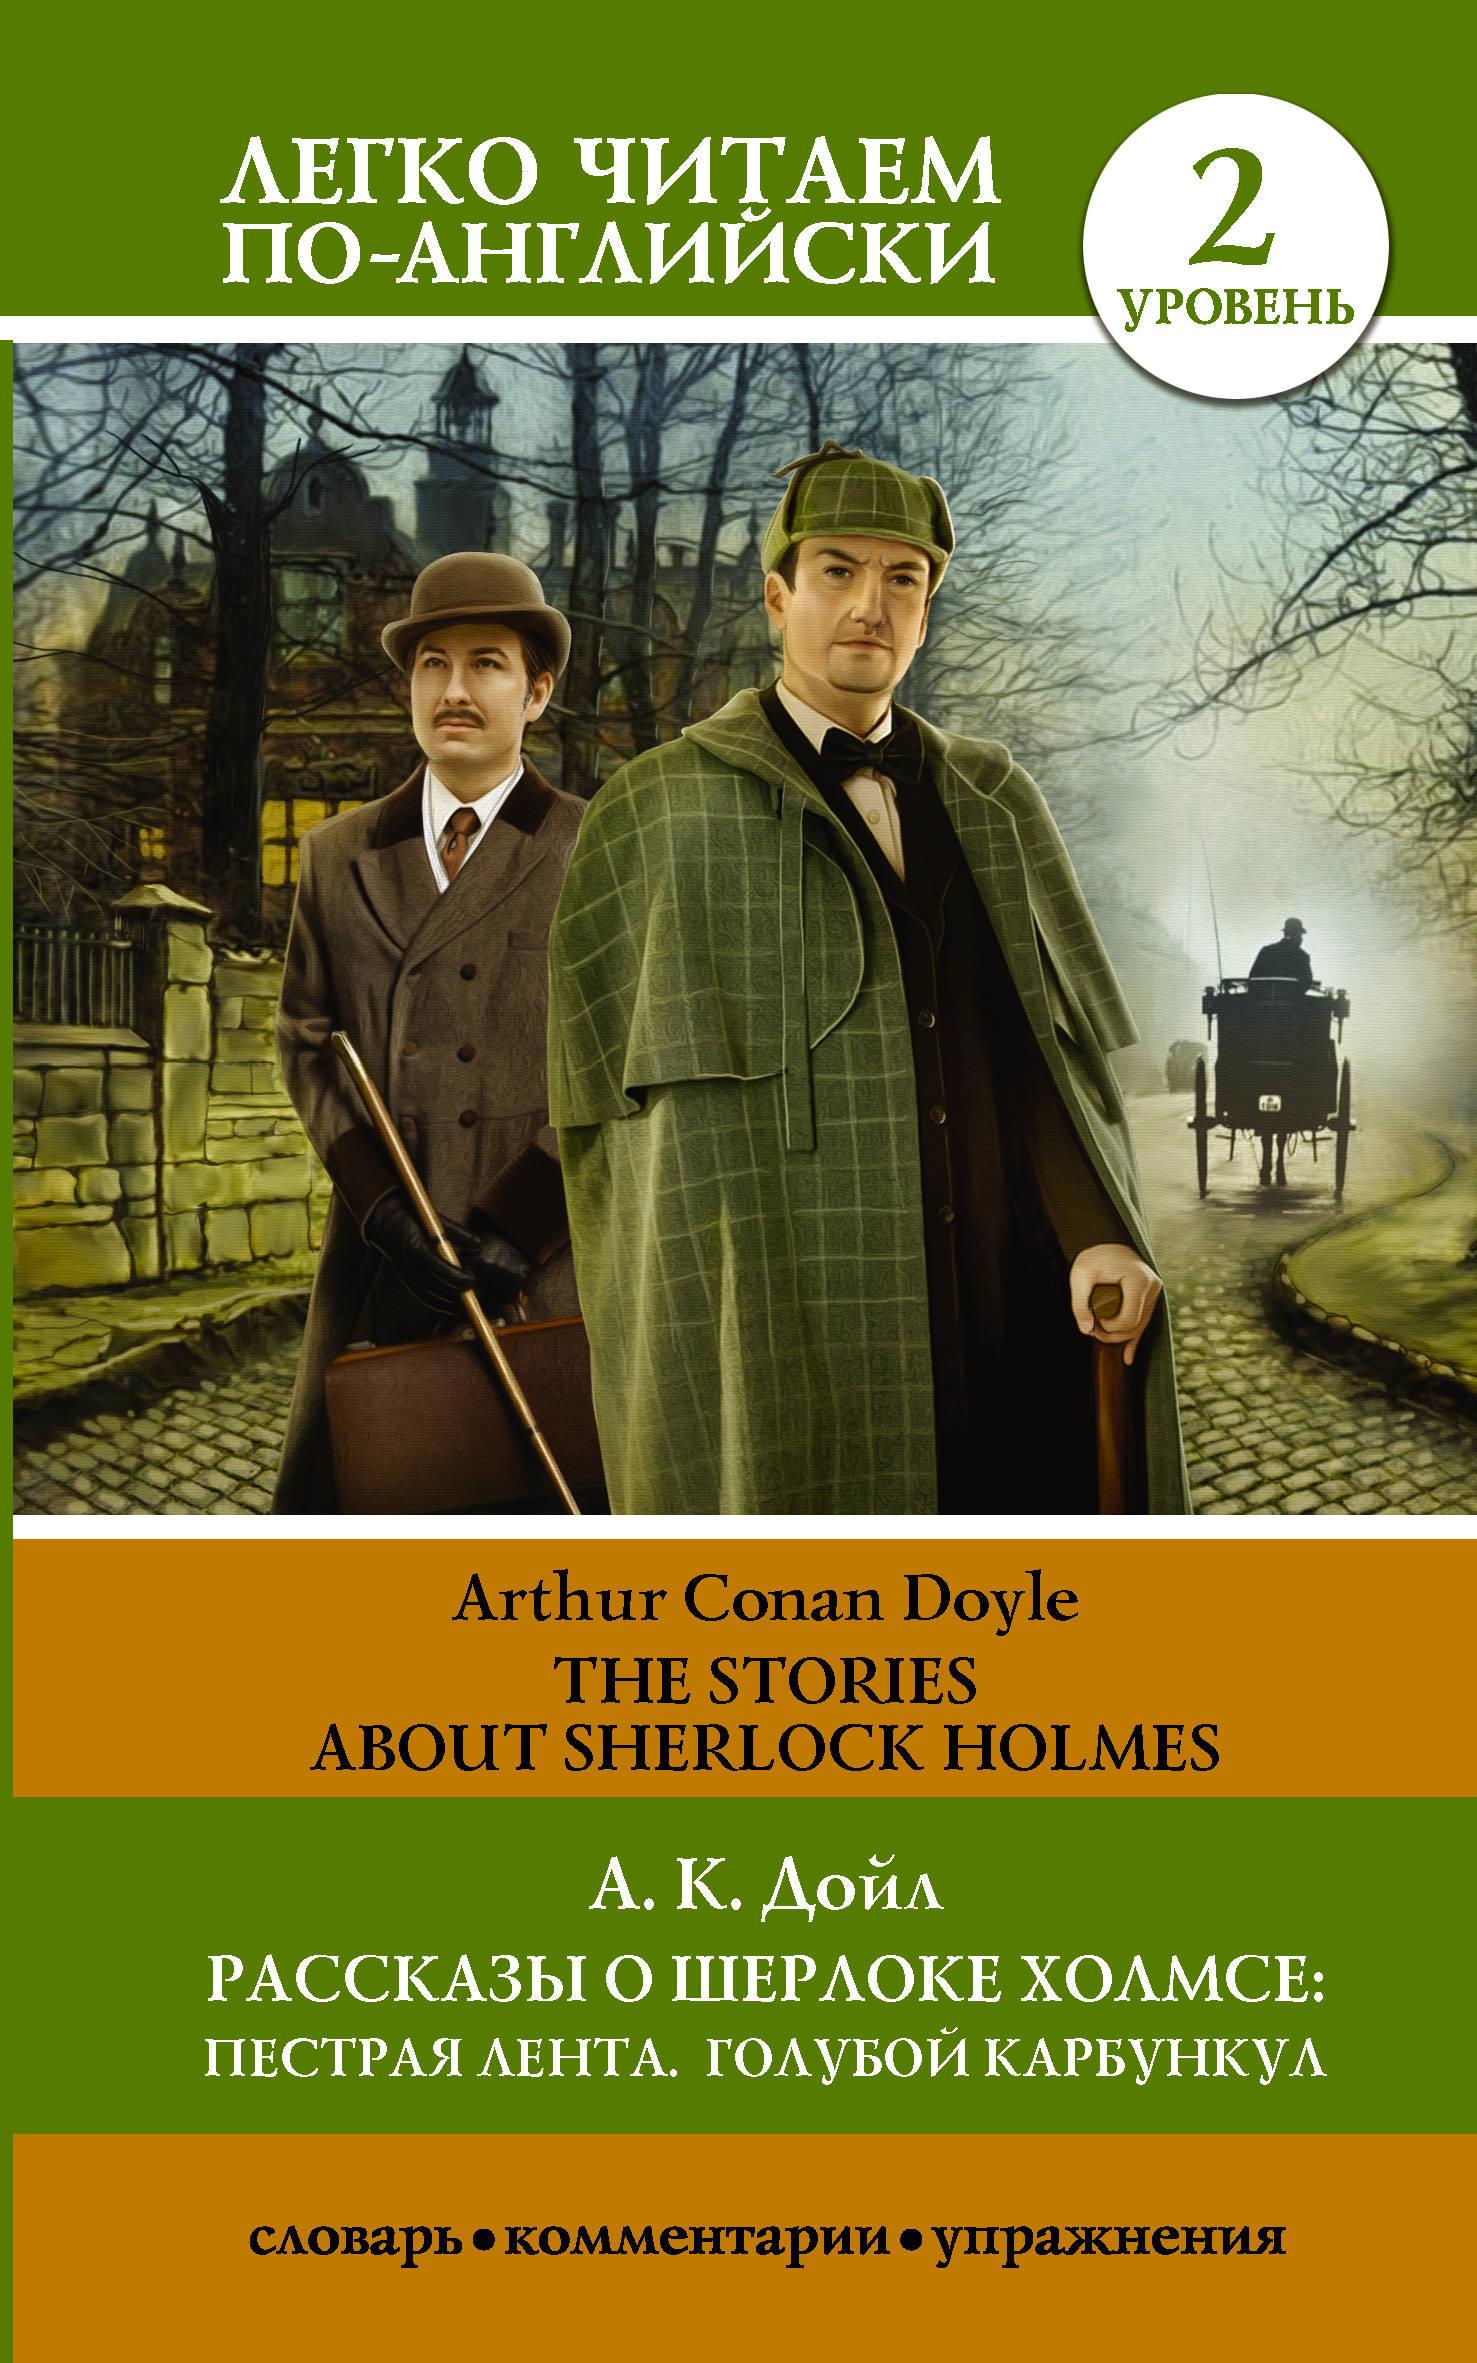 Дойл Артур Конан Рассказы о Шерлоке Холмсе. Пестрая лента. Голубой карбункул. Уровень 2 а к дойль истории о шерлоке холмсе пестрая лента